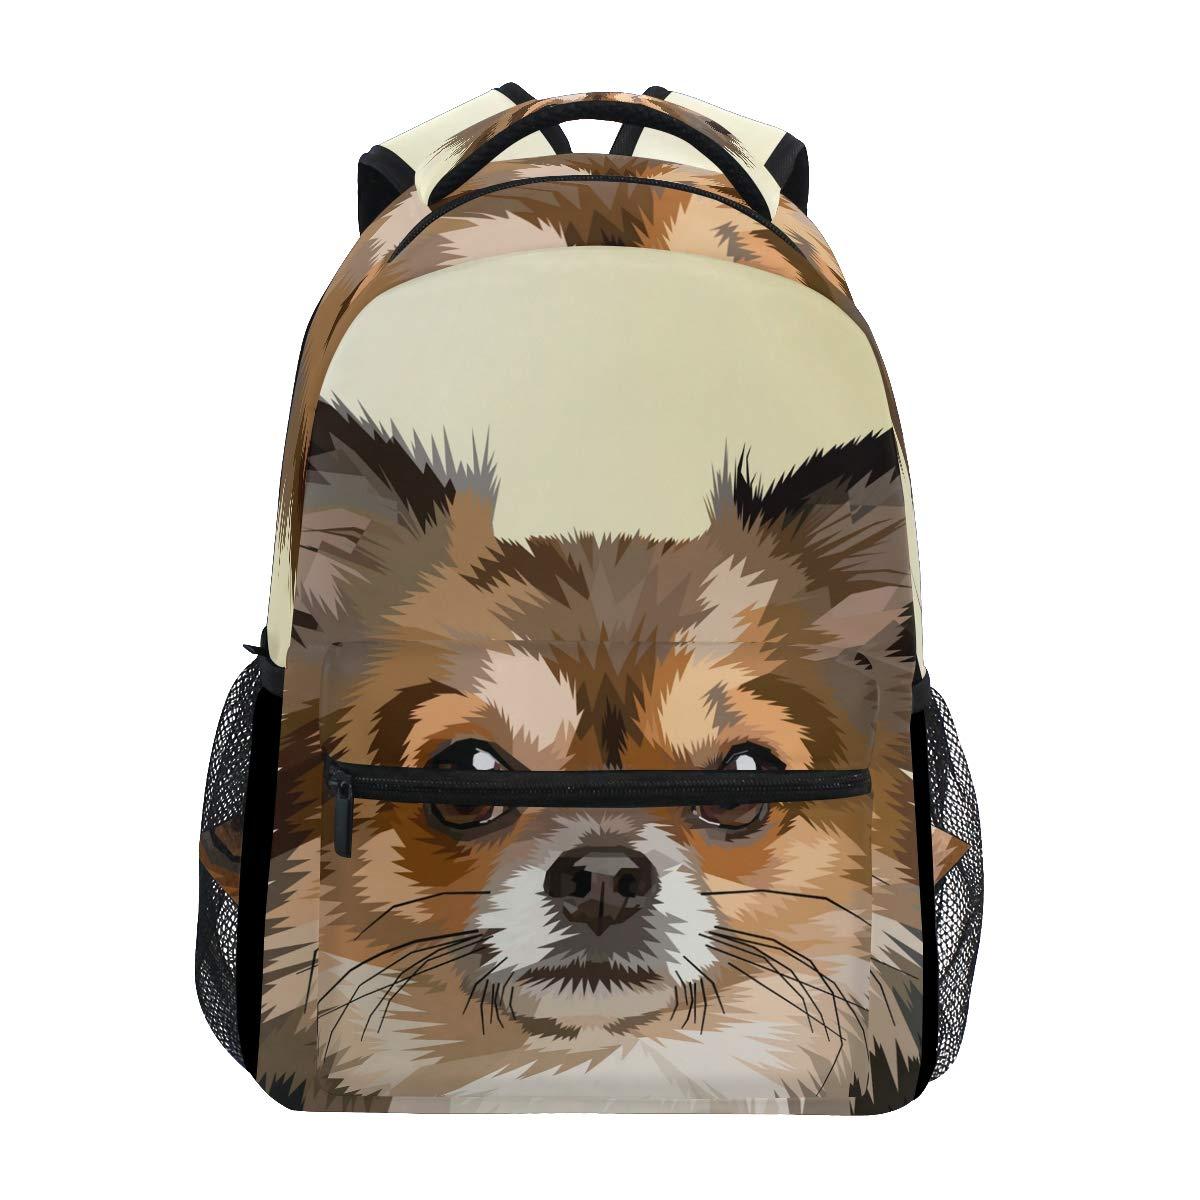 ファッションスクールバックパック ガールズ ボーイズ カジュアルデイパック 旅行カレッジ ブックバッグ レディース&メンズ かわいいペット猫プリント スクールバッグ B07L3S72W1 Multicoloured 10